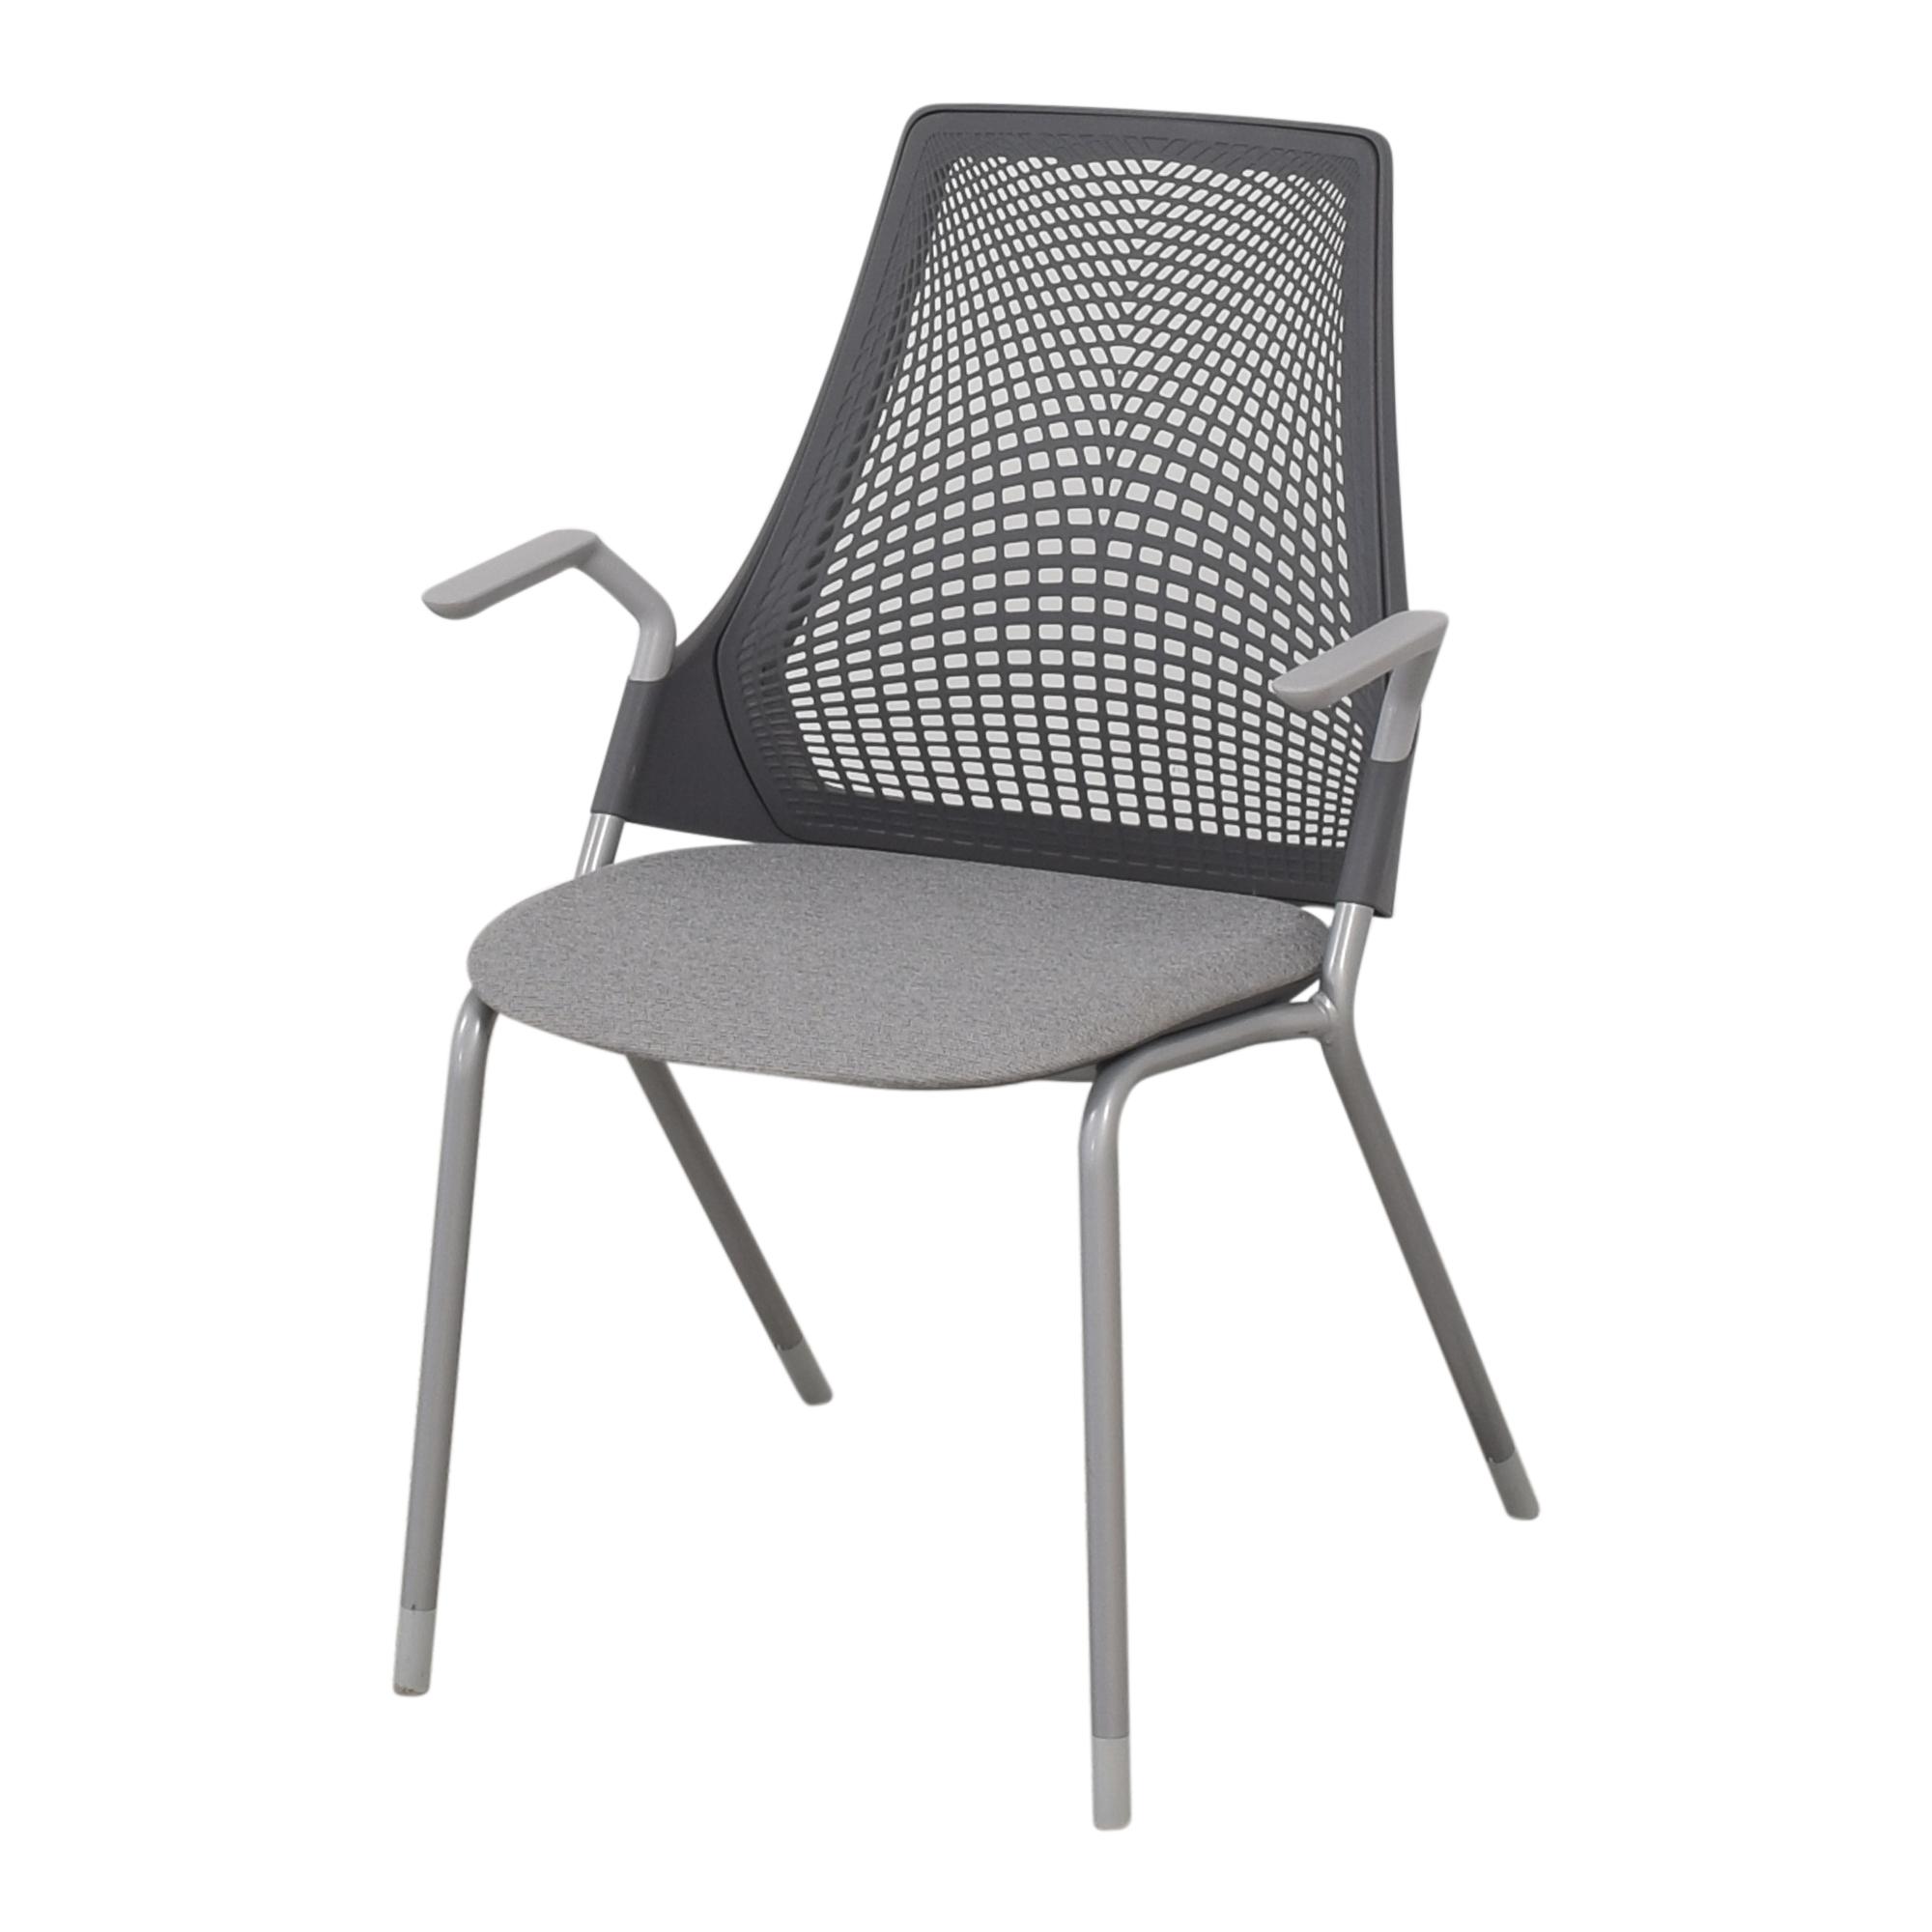 Herman Miller Herman Miller Sayl Side Chair pa